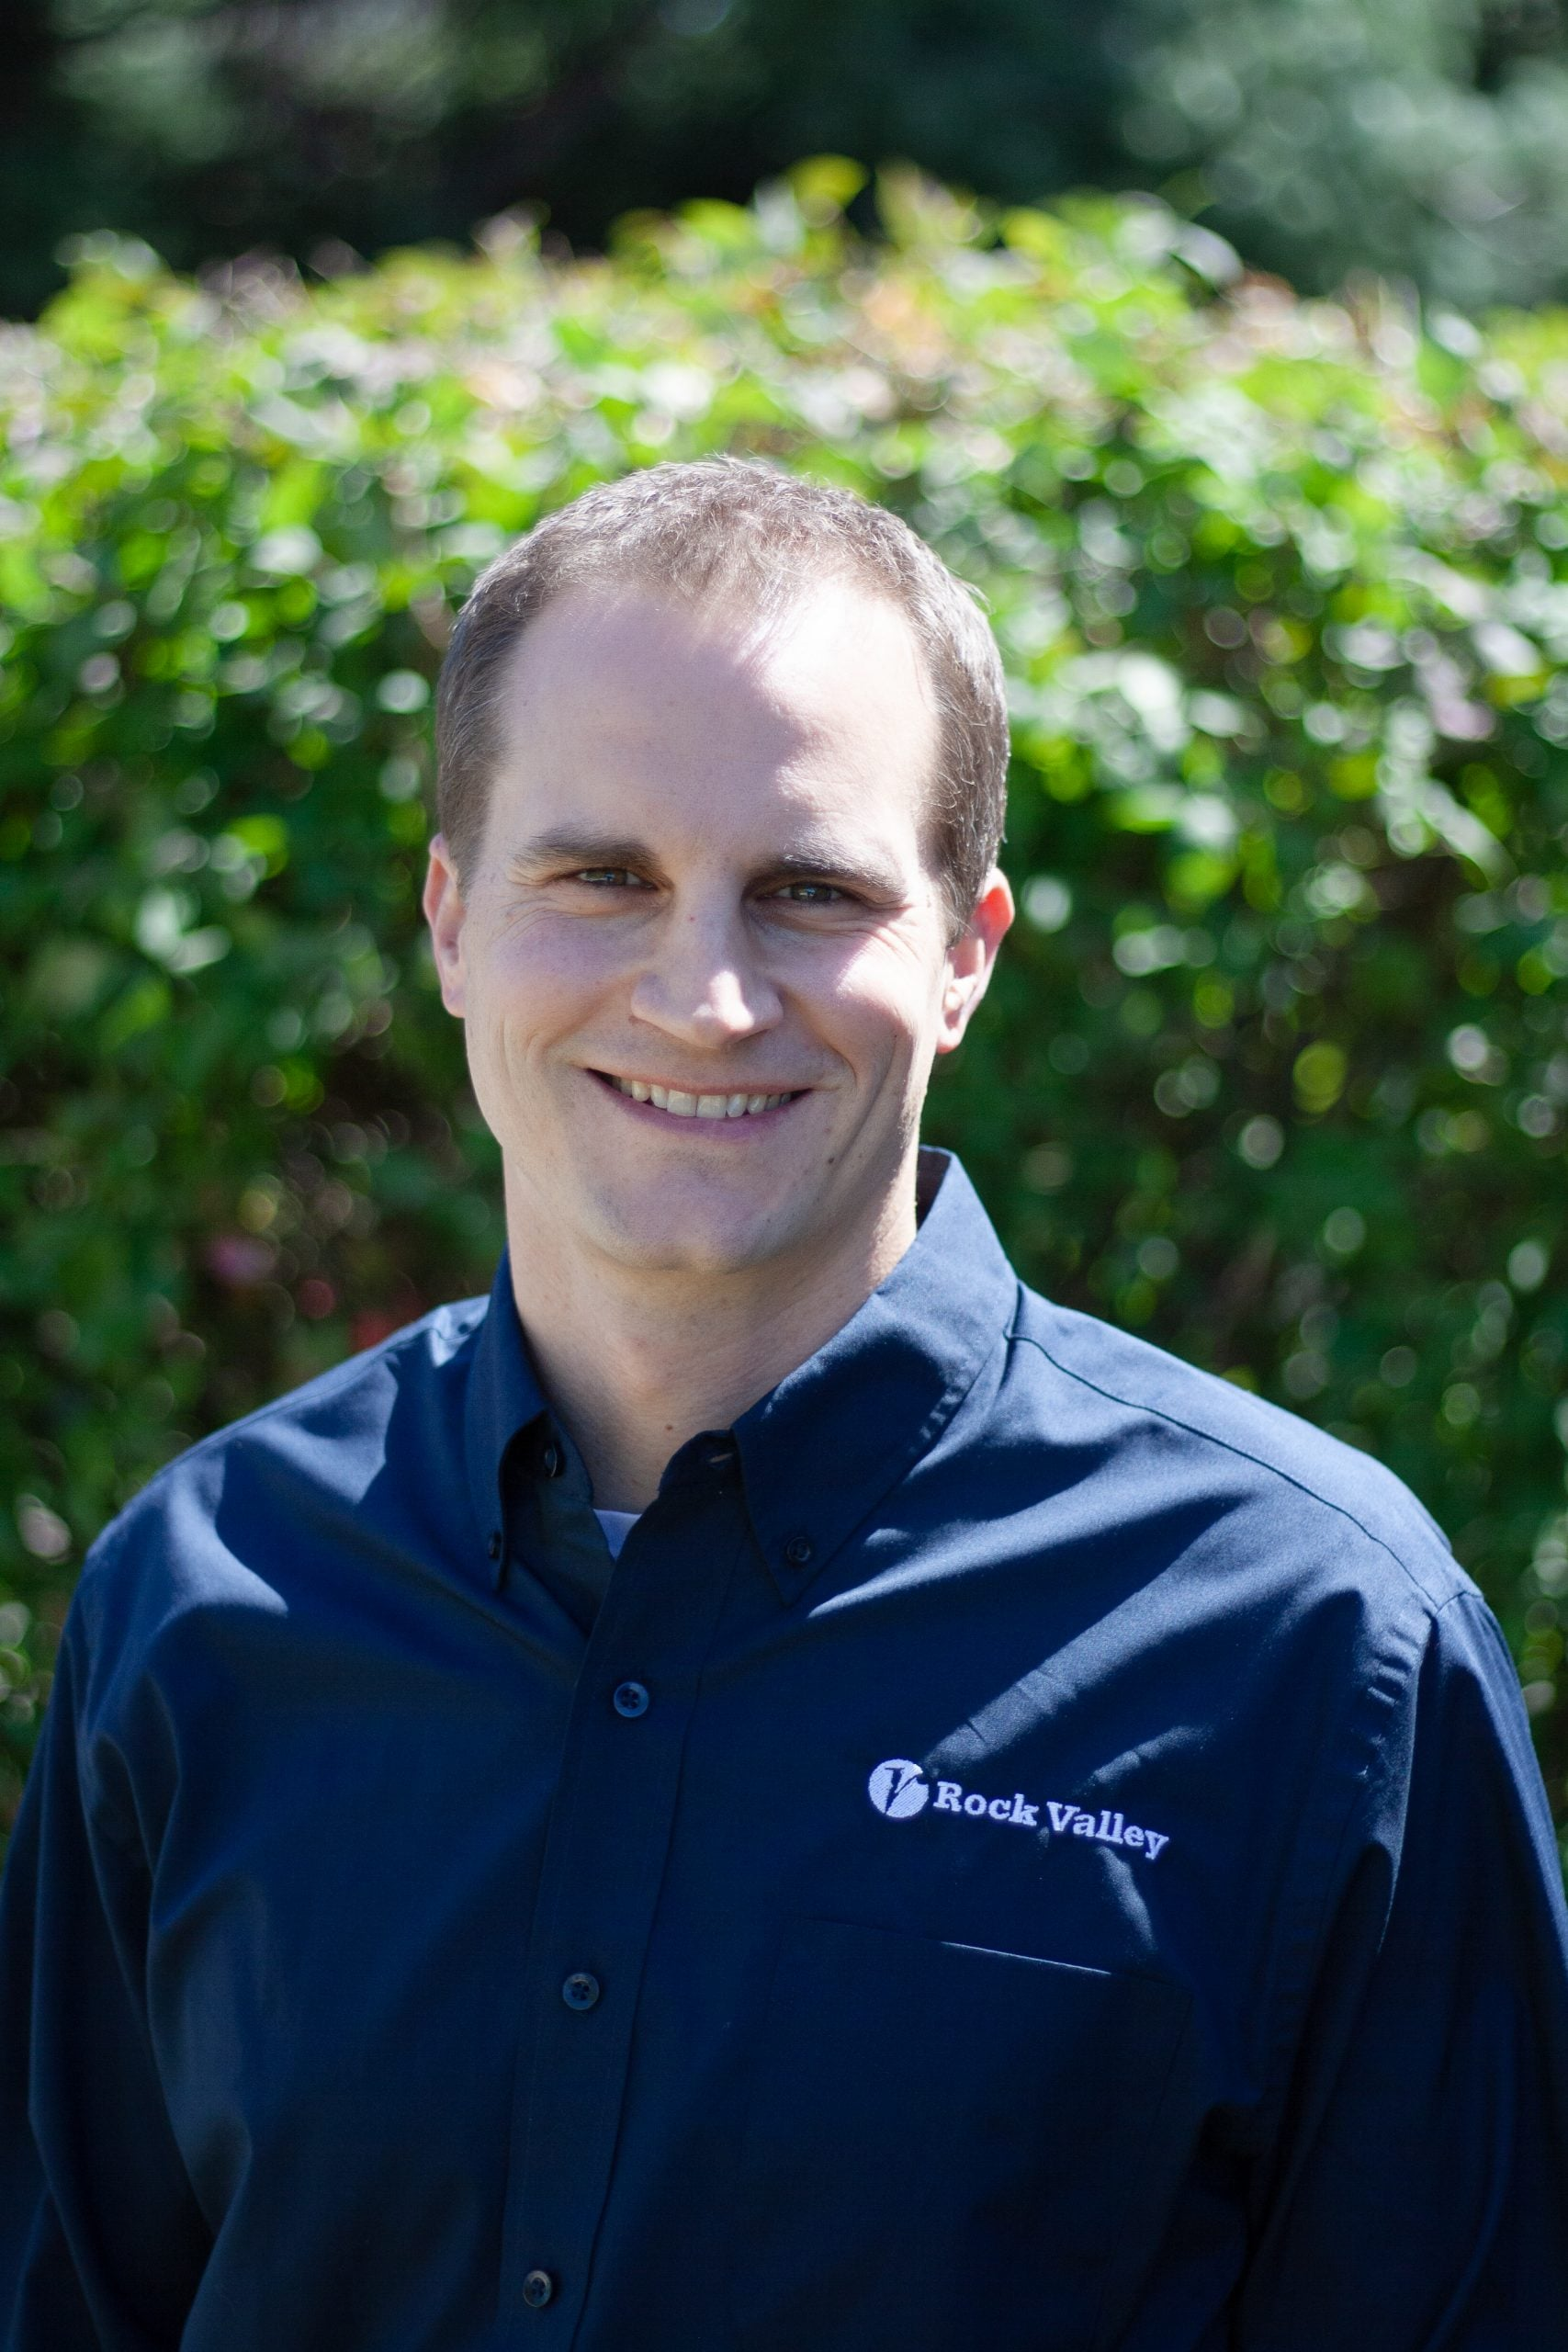 Matt Grandquist